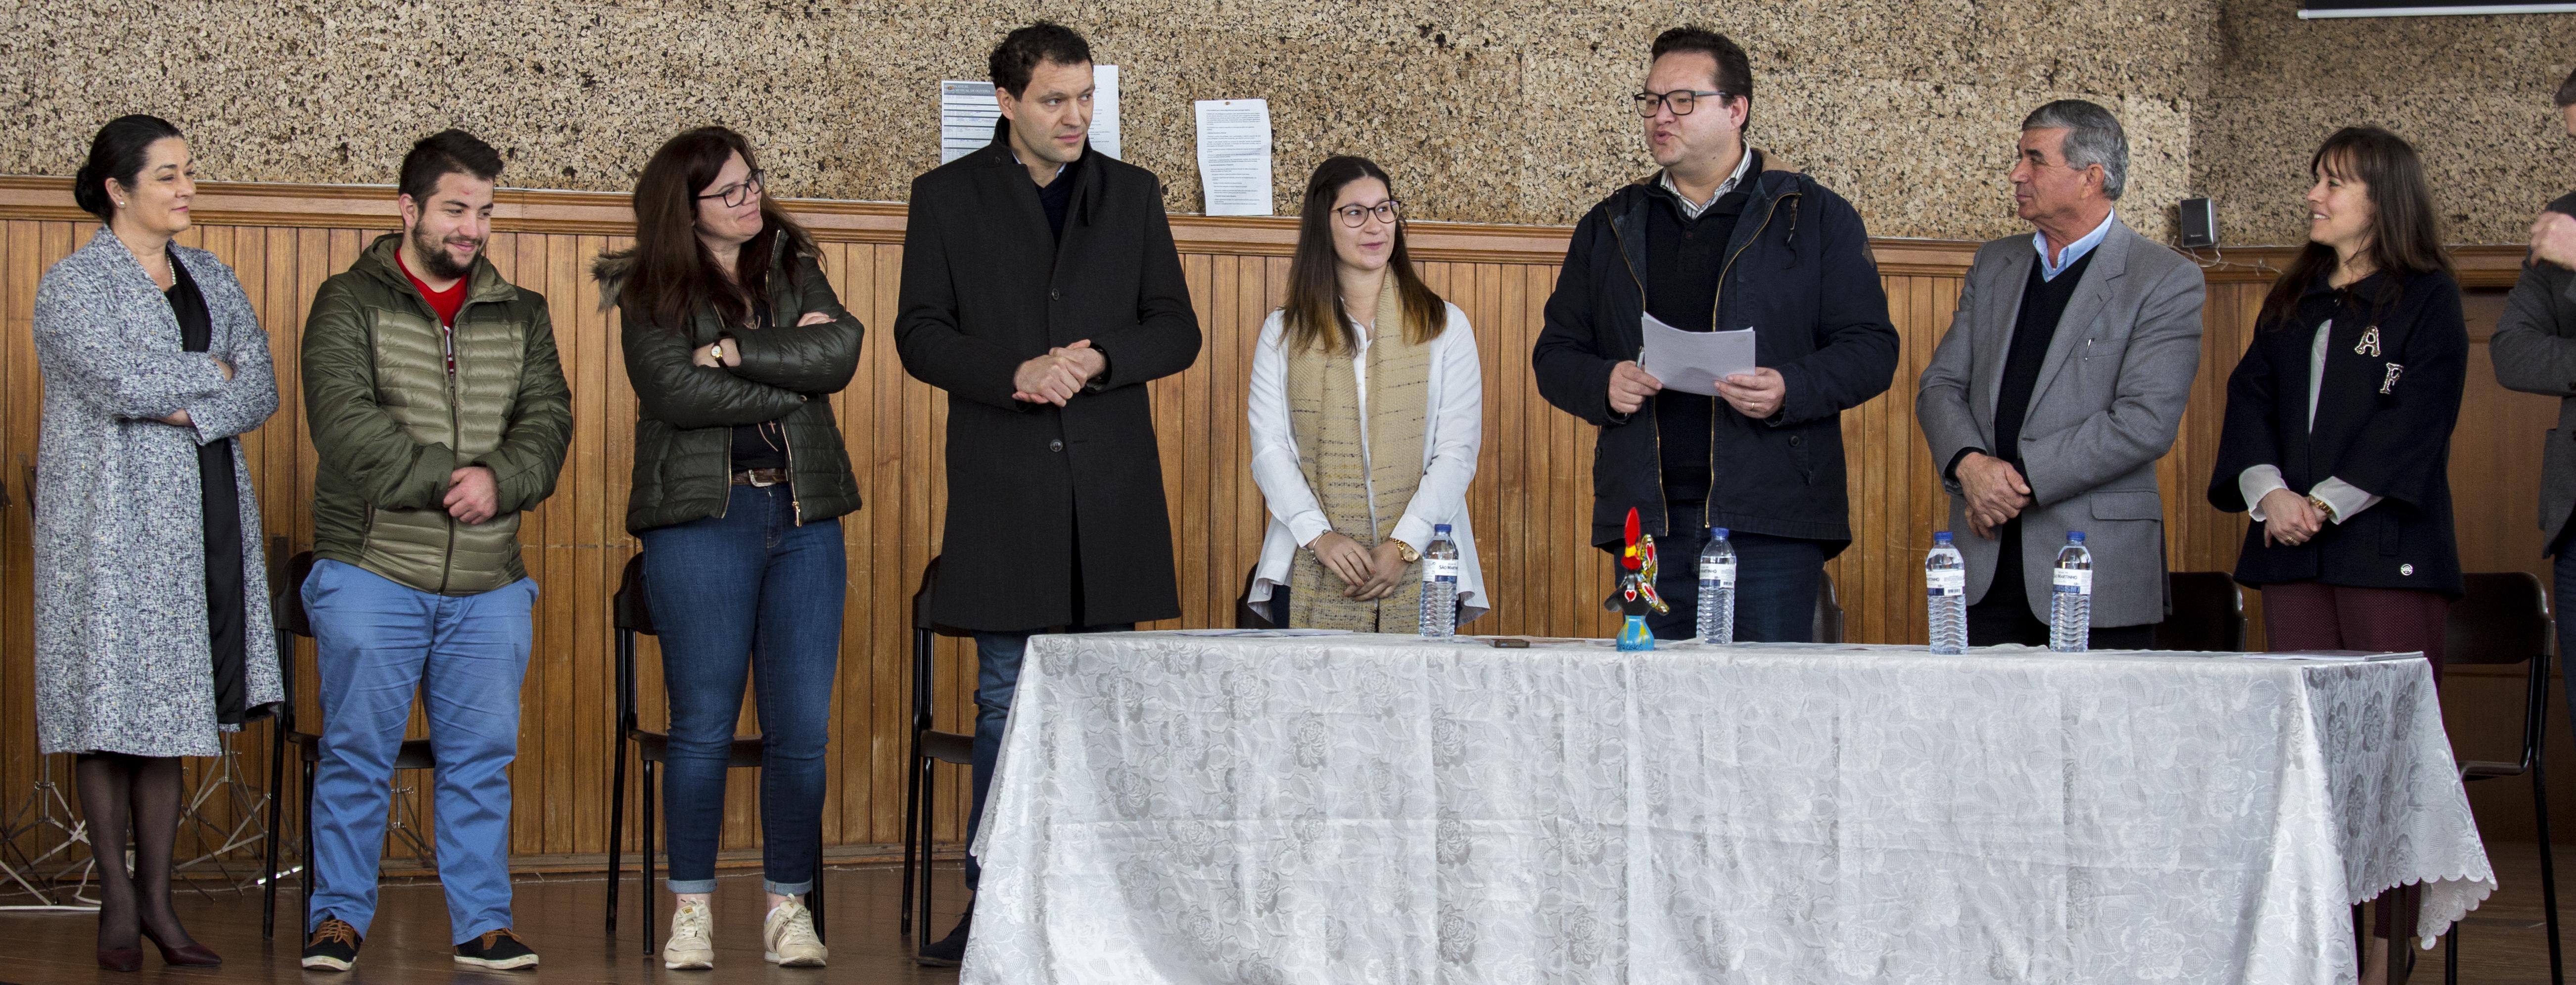 Banda de Oliveira deu posse aos novos órgãos sociais